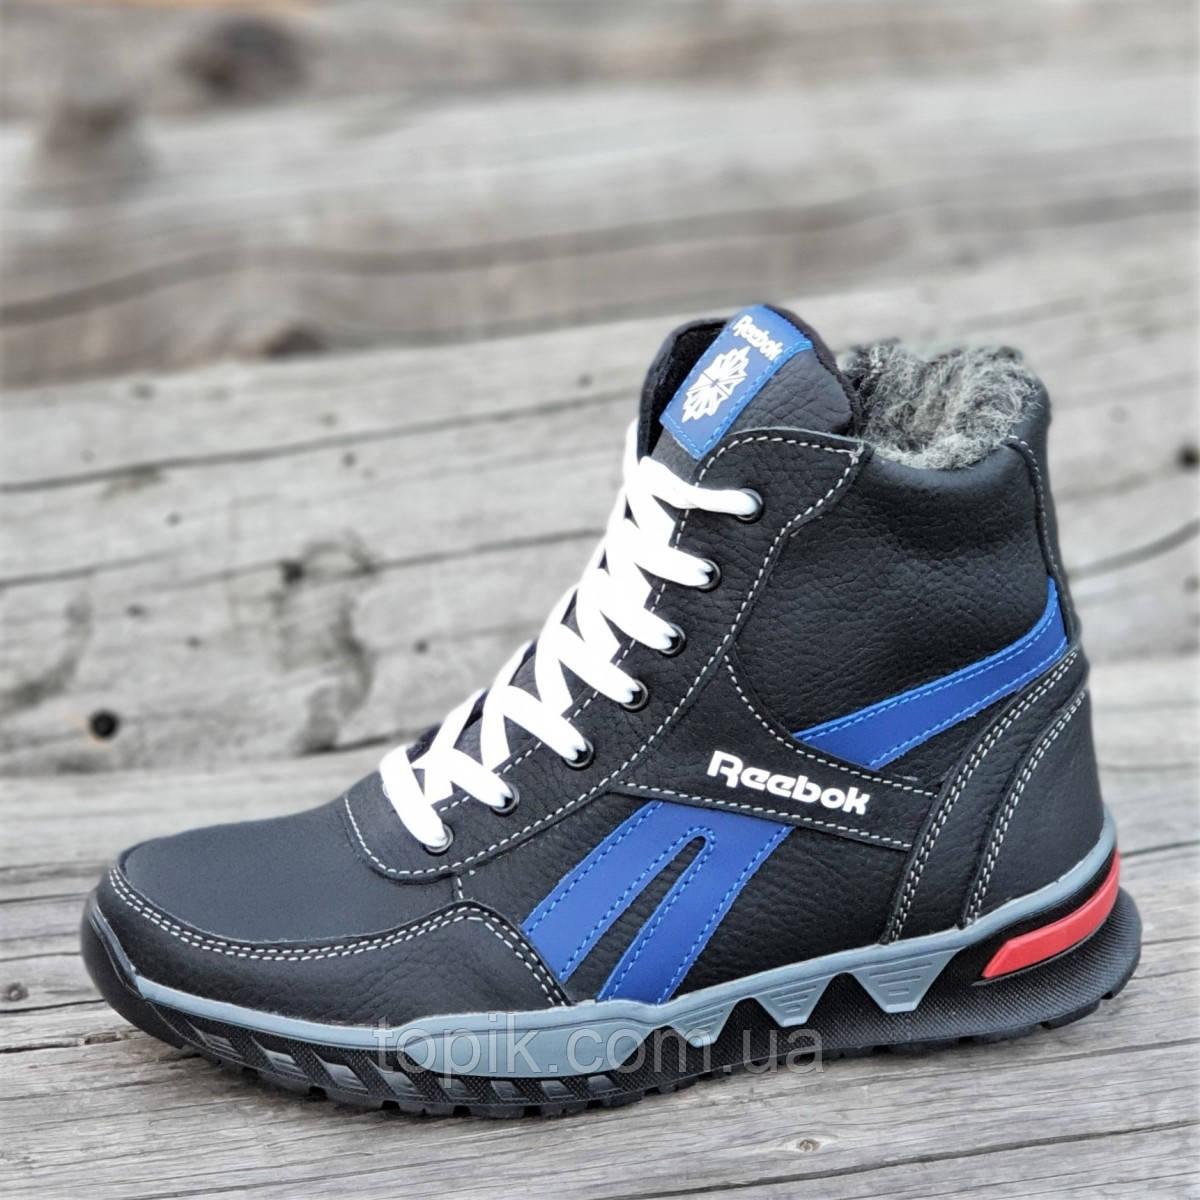 3998a8cc6391 Подростковые зимние высокие кроссовки ботинки Reebok реплика мужские кожаные  черные на меху (Код  1255)